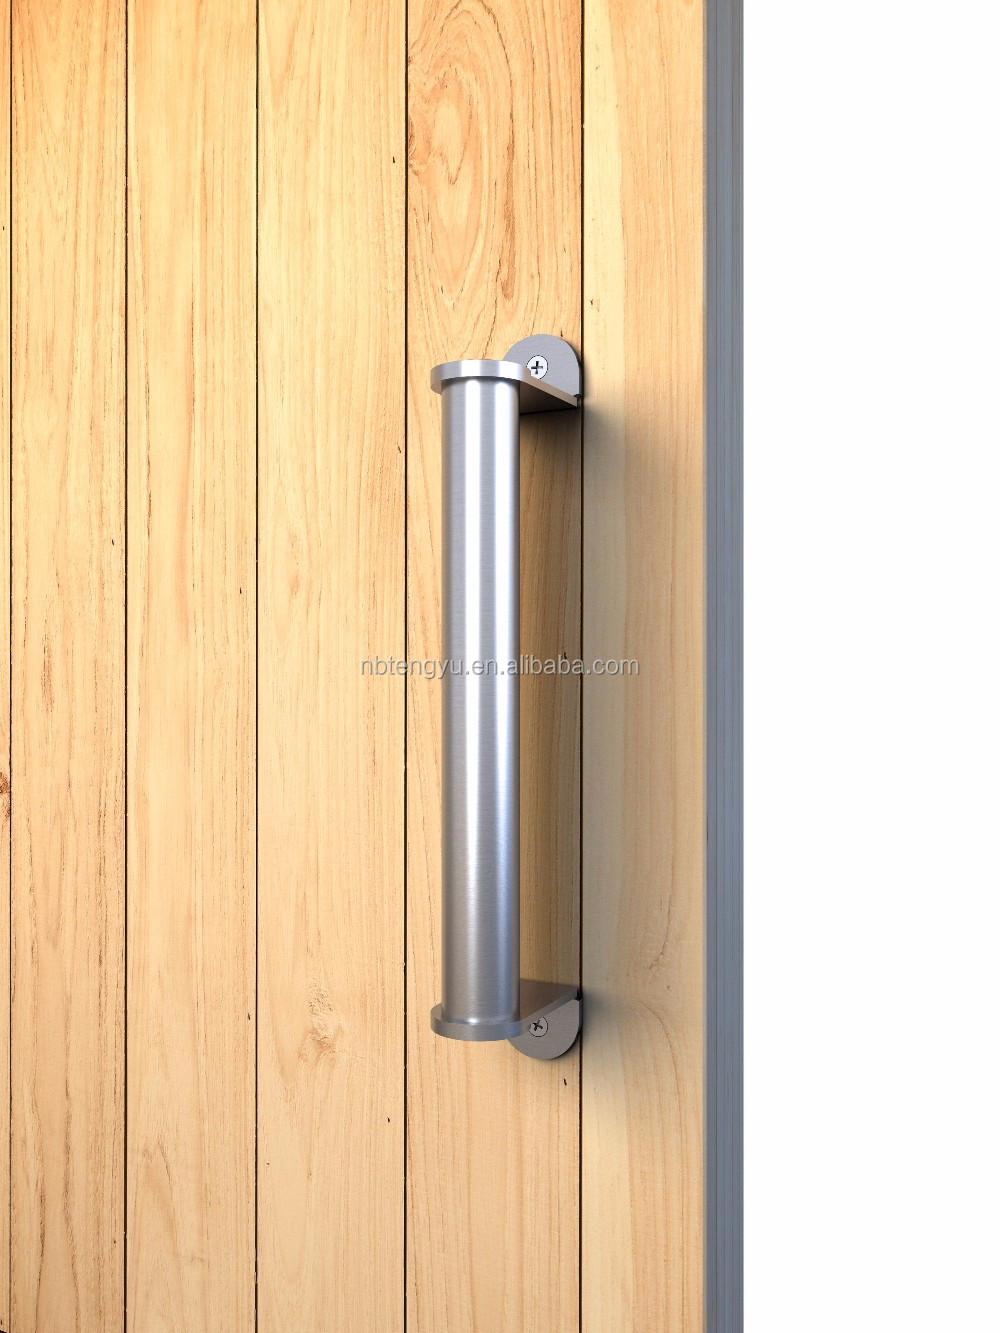 Angoily 2 Uds Manija Empotrada para Puerta Empotrada Manijas para Puertas Correderas Tiradores de Aleaci/ón de Zinc para Puertas de Armario Tiradores de Dedos Armario para Muebles Manija